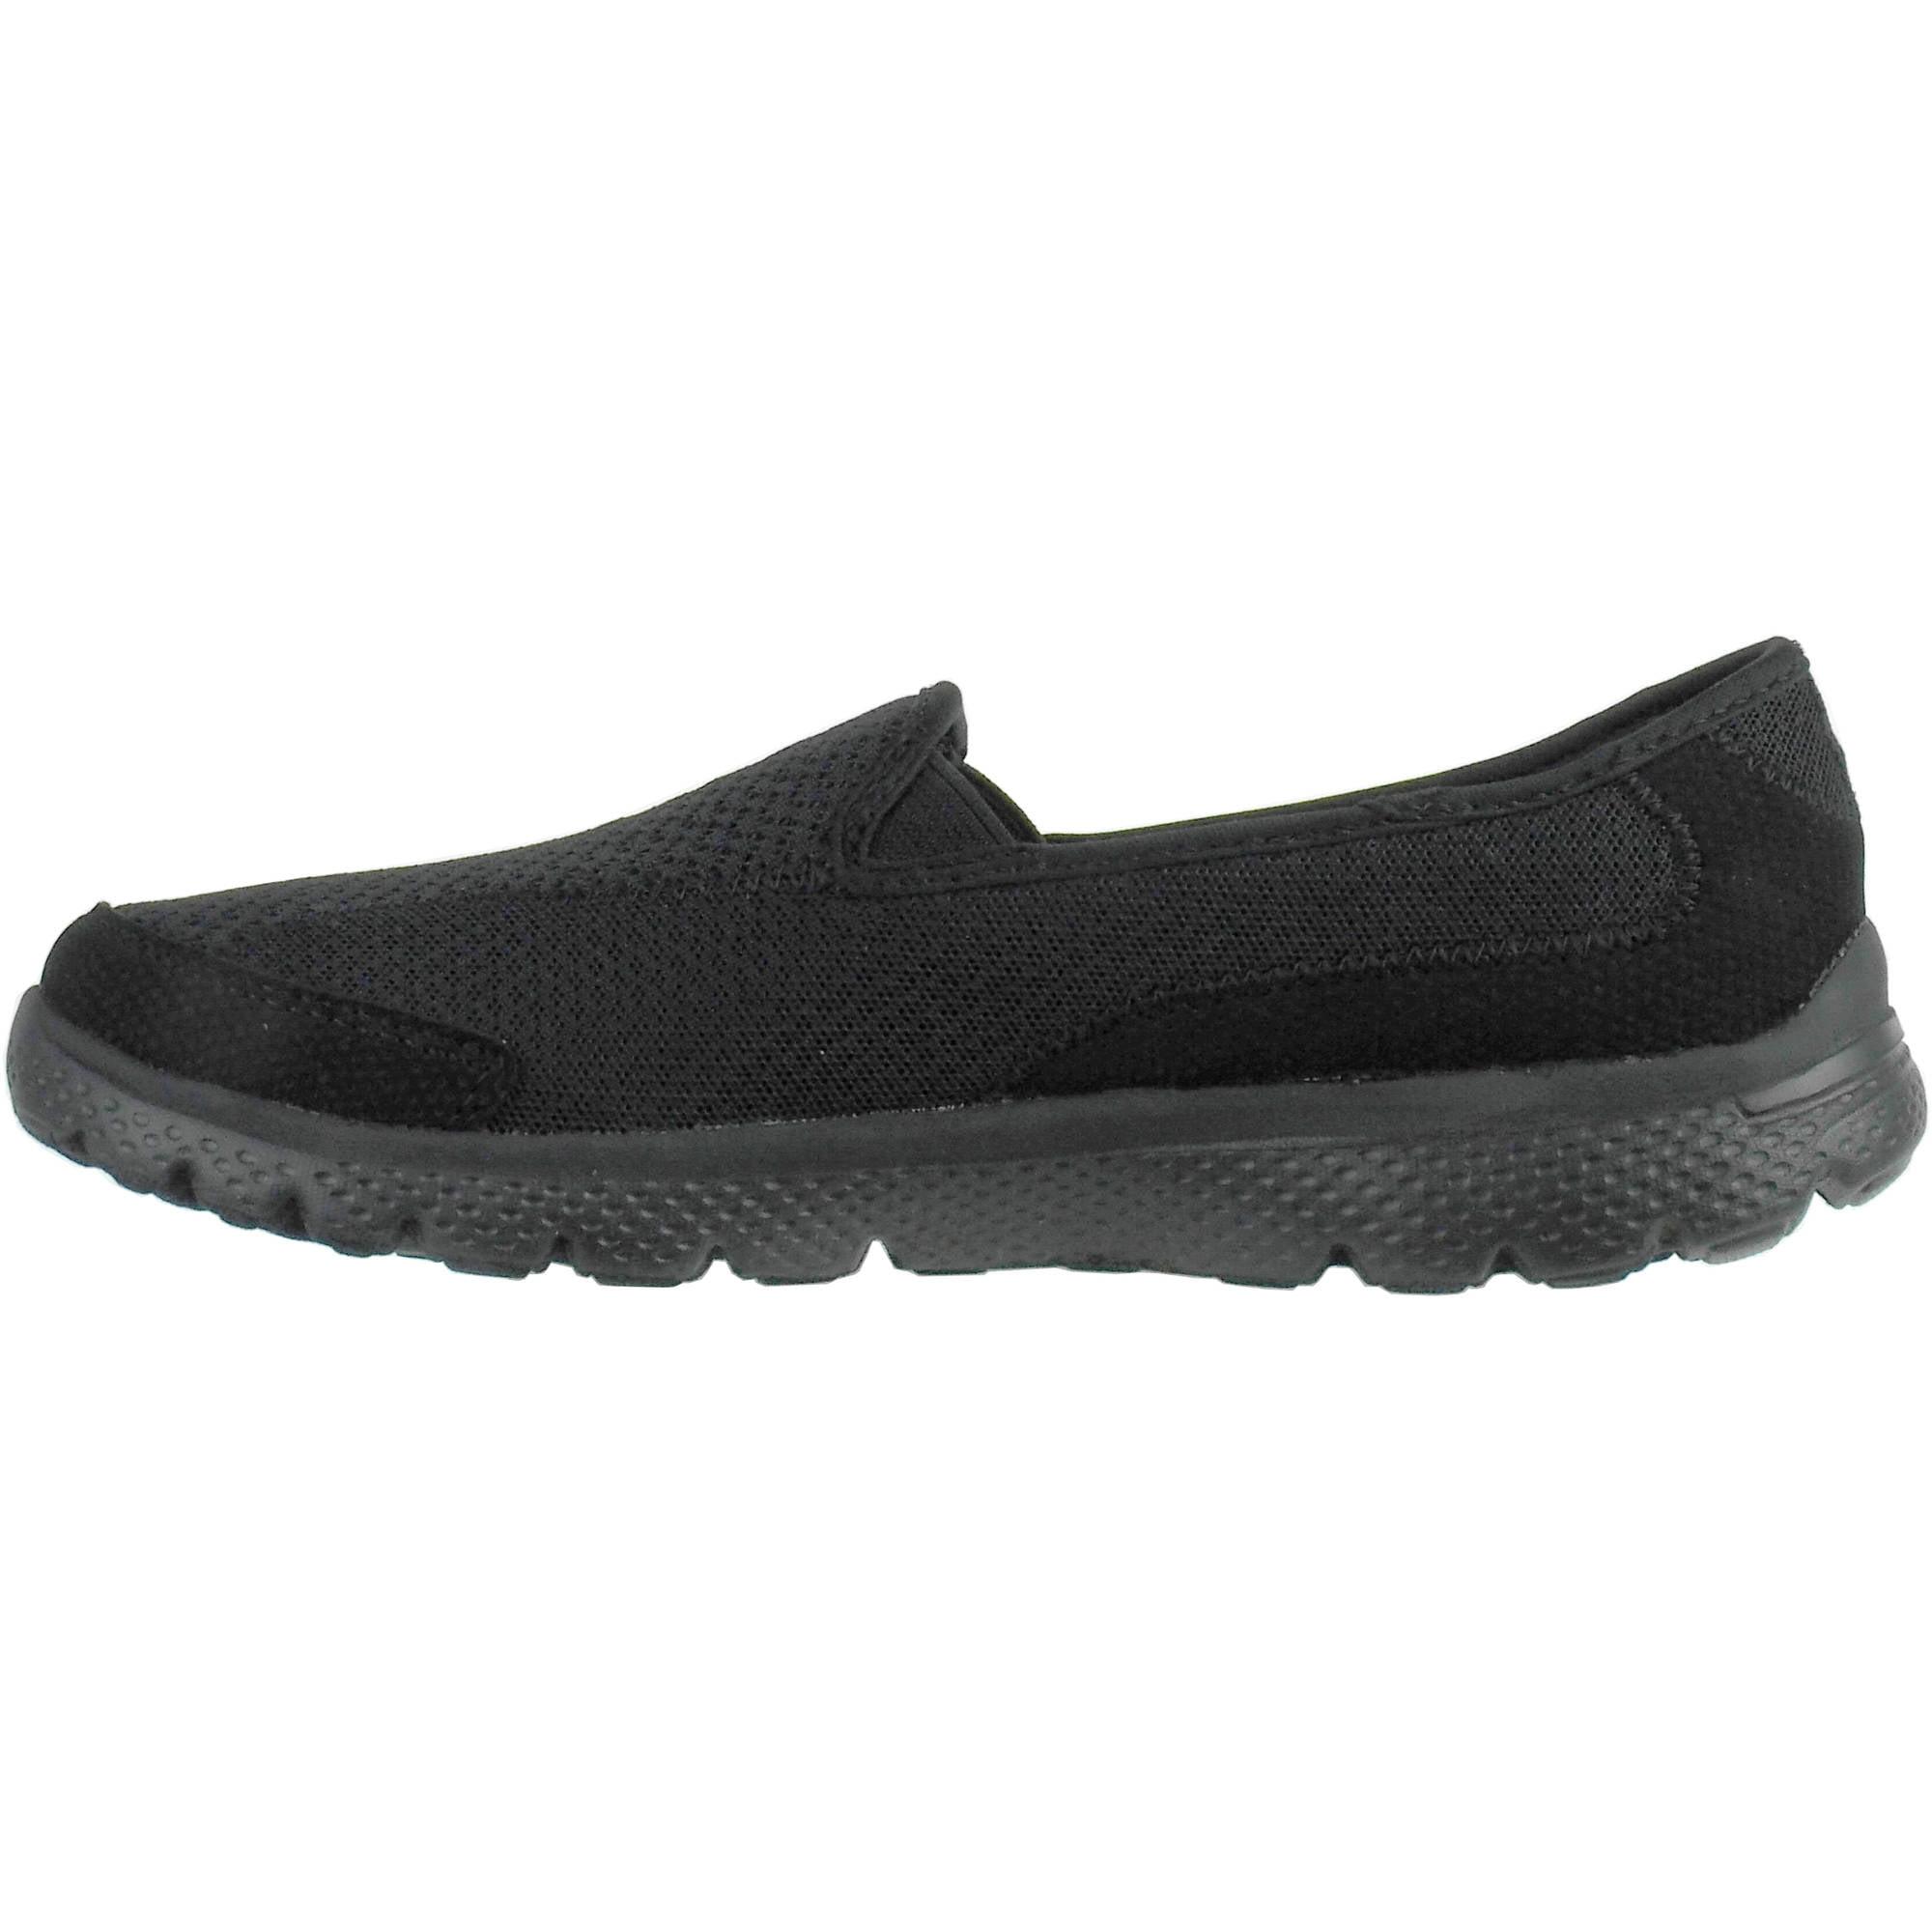 36634e79 Danskin Now - Danskin Now Women's Memory Foam Slip-on Athletic Shoe -  Walmart.com